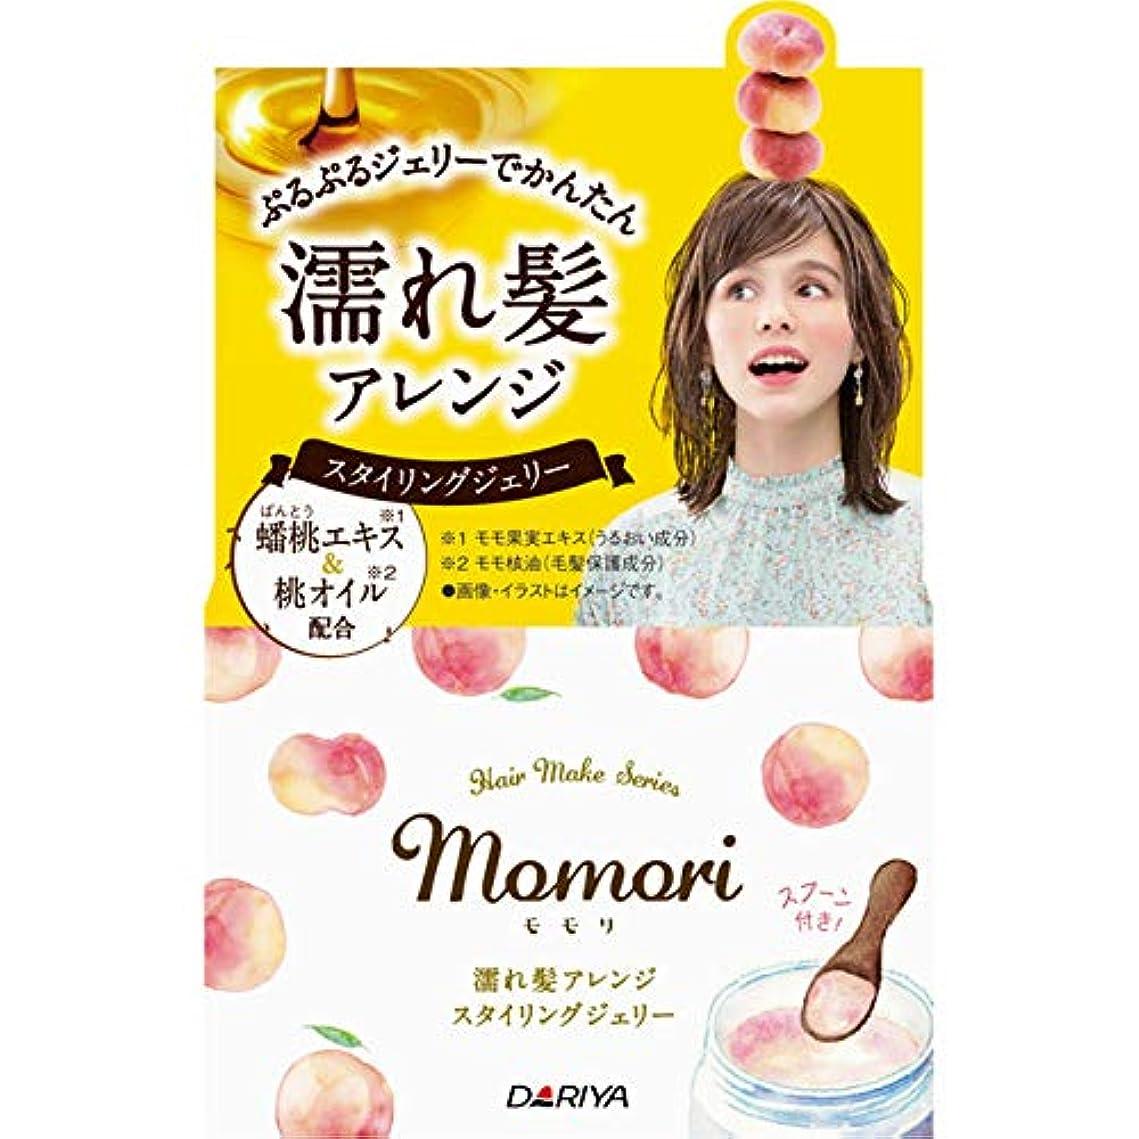 コマース少し時計回りダリヤ モモリ 濡れ髪アレンジ スタイリングジェリー 100g